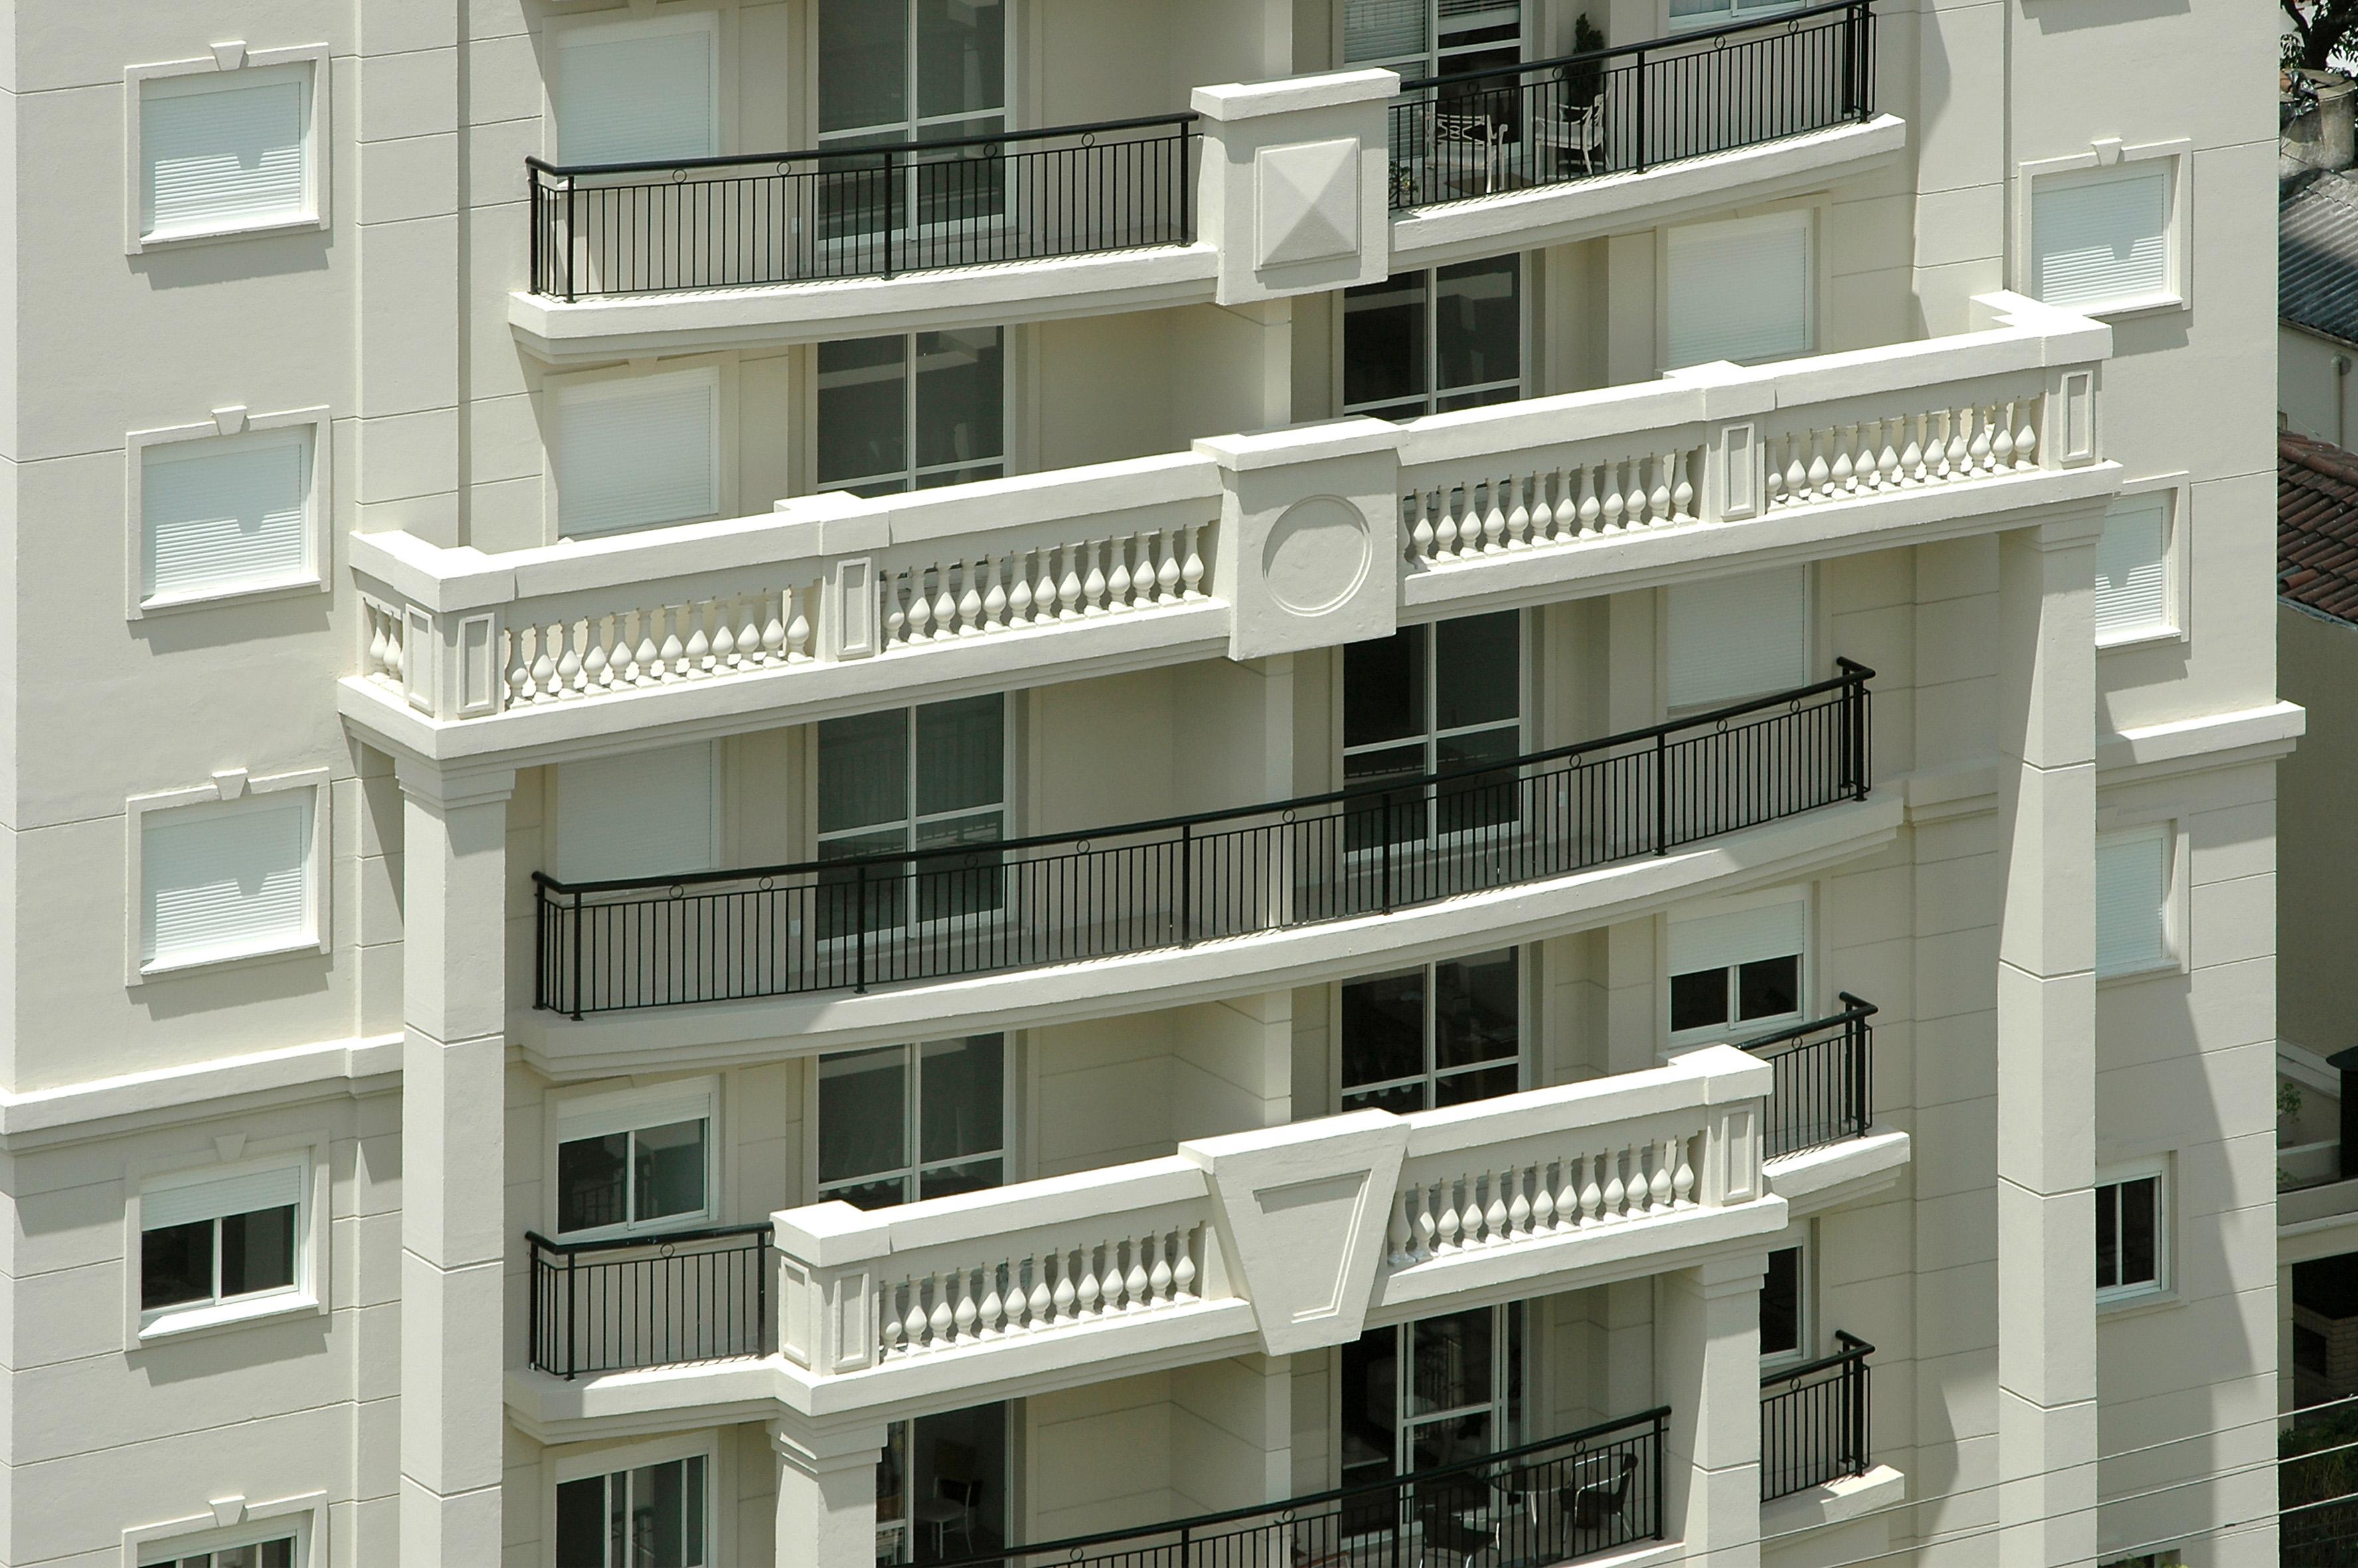 Detalhe da fachada